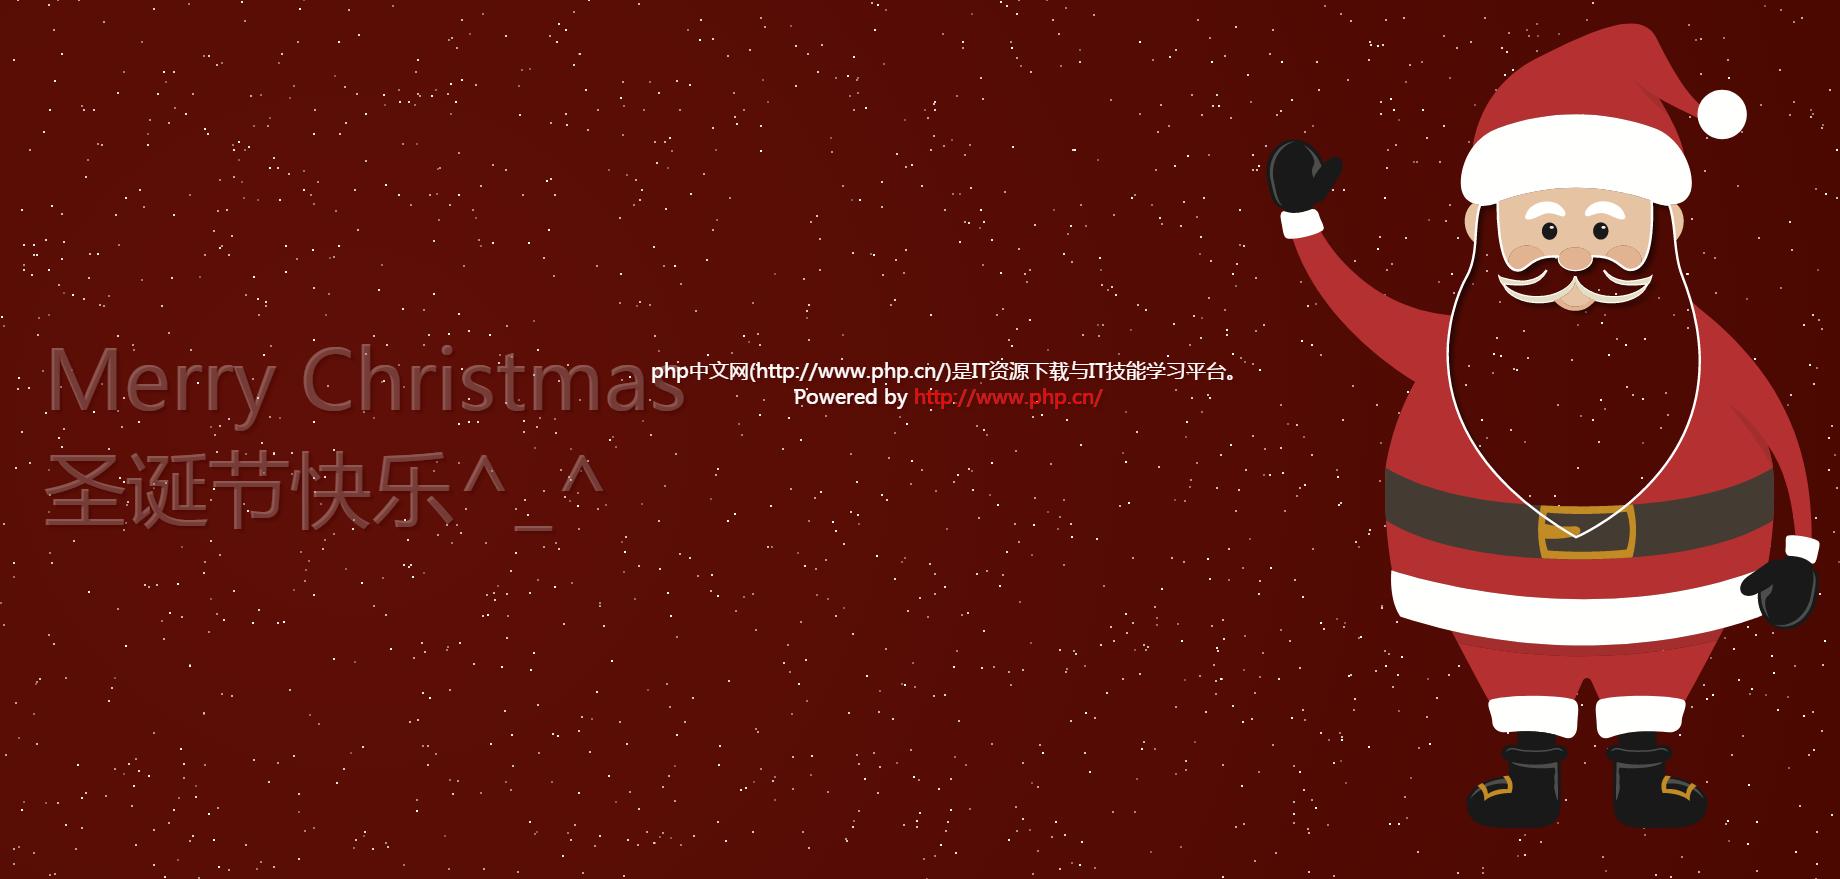 圣诞节雪花飘落圣诞老人背景canvas动画